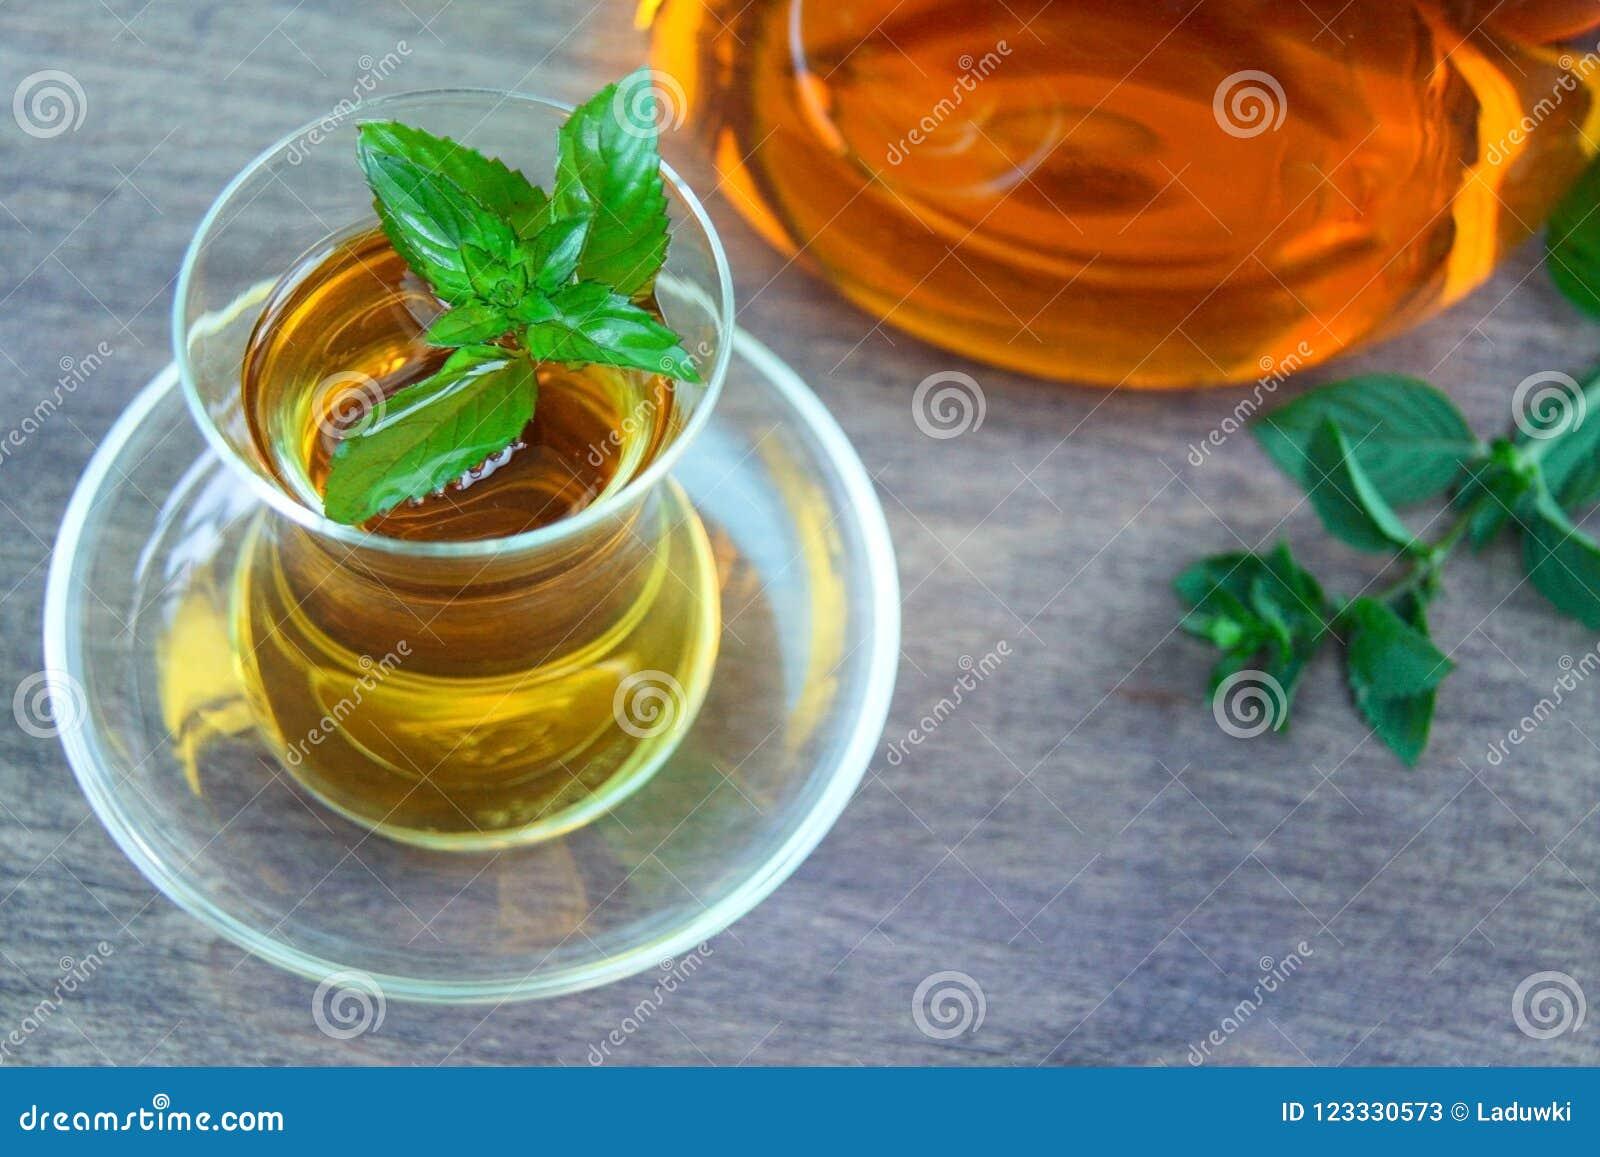 Φρέσκο υγιές peppermint τσάι σε ένα διαφανές γυαλί πράσινη μέντα φύλλων οργανικός